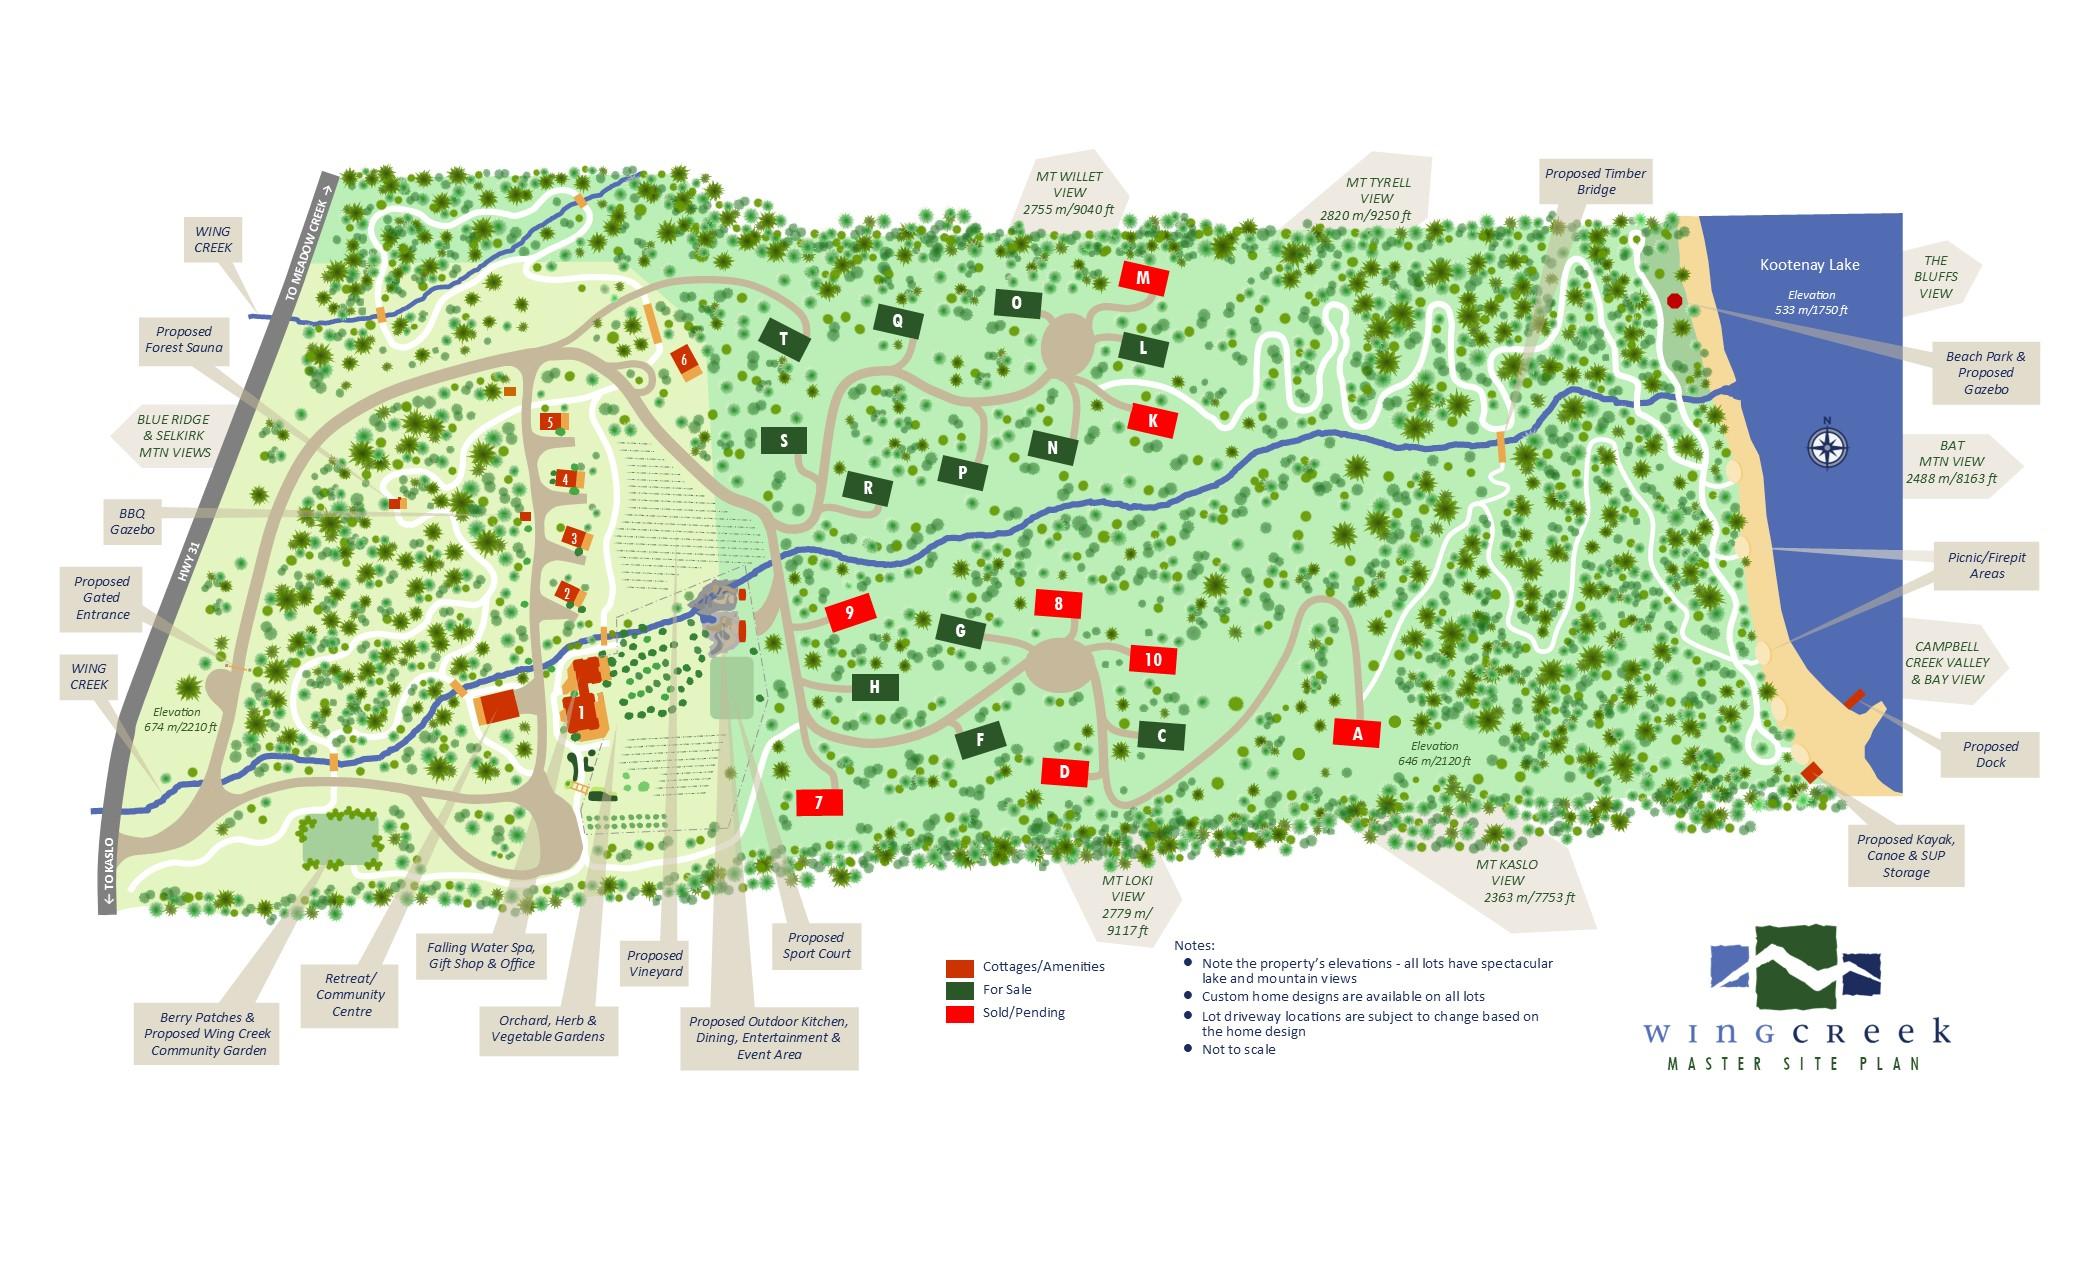 Wing Creek Master Site Plan